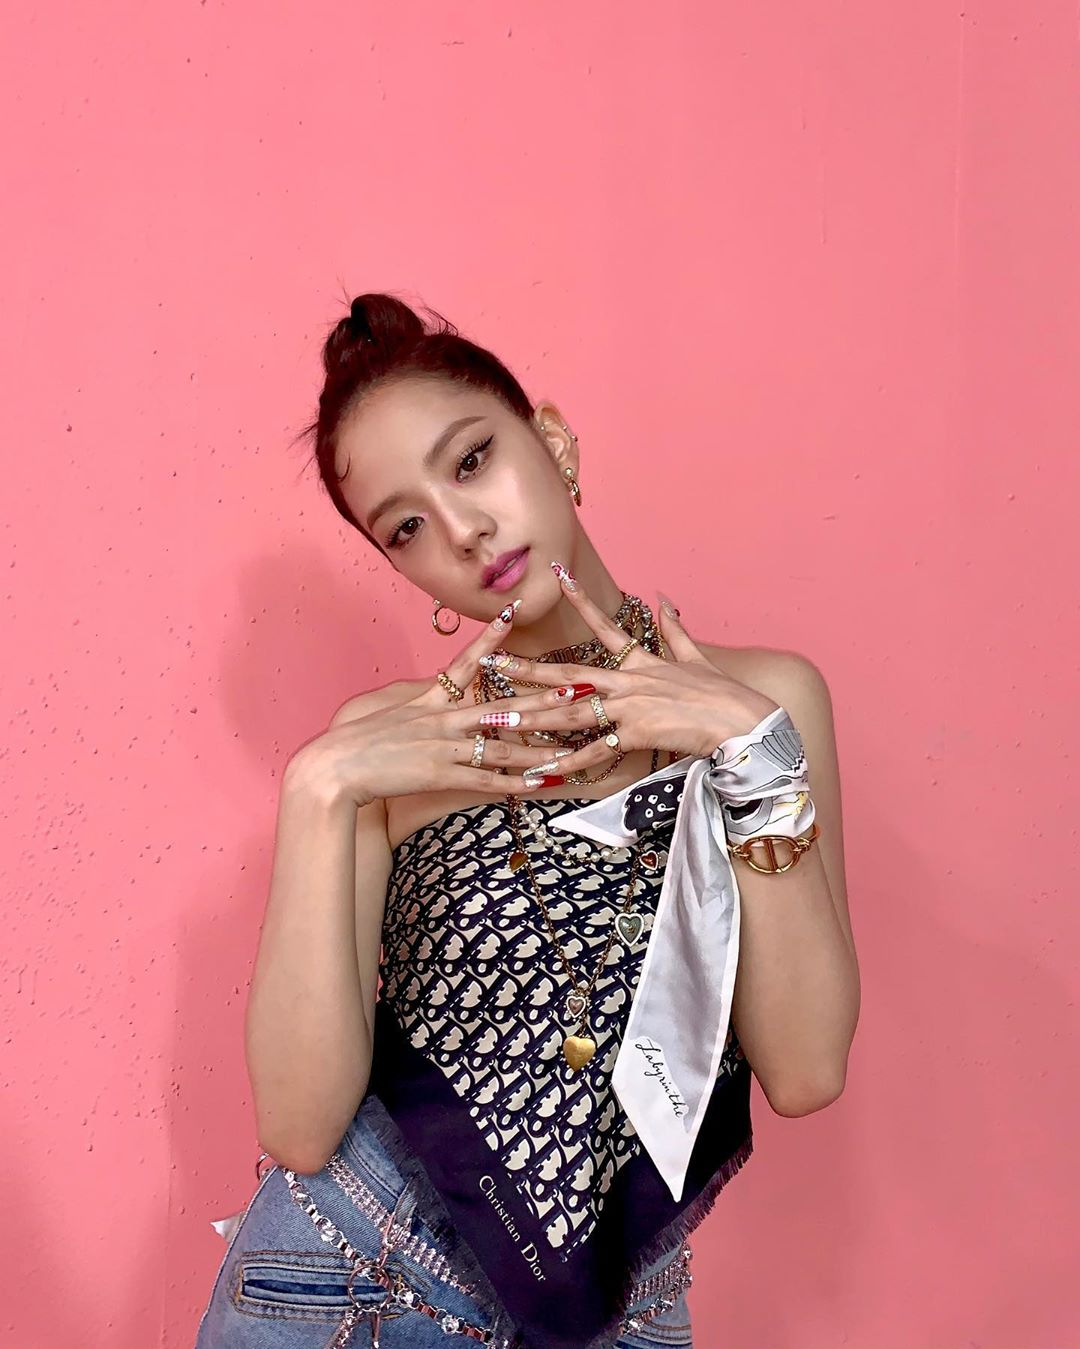 Lên đồ giống hệt Jisoo, Minh Hằng vẫn 'hiền khô' so với idol Hoa hậu 1